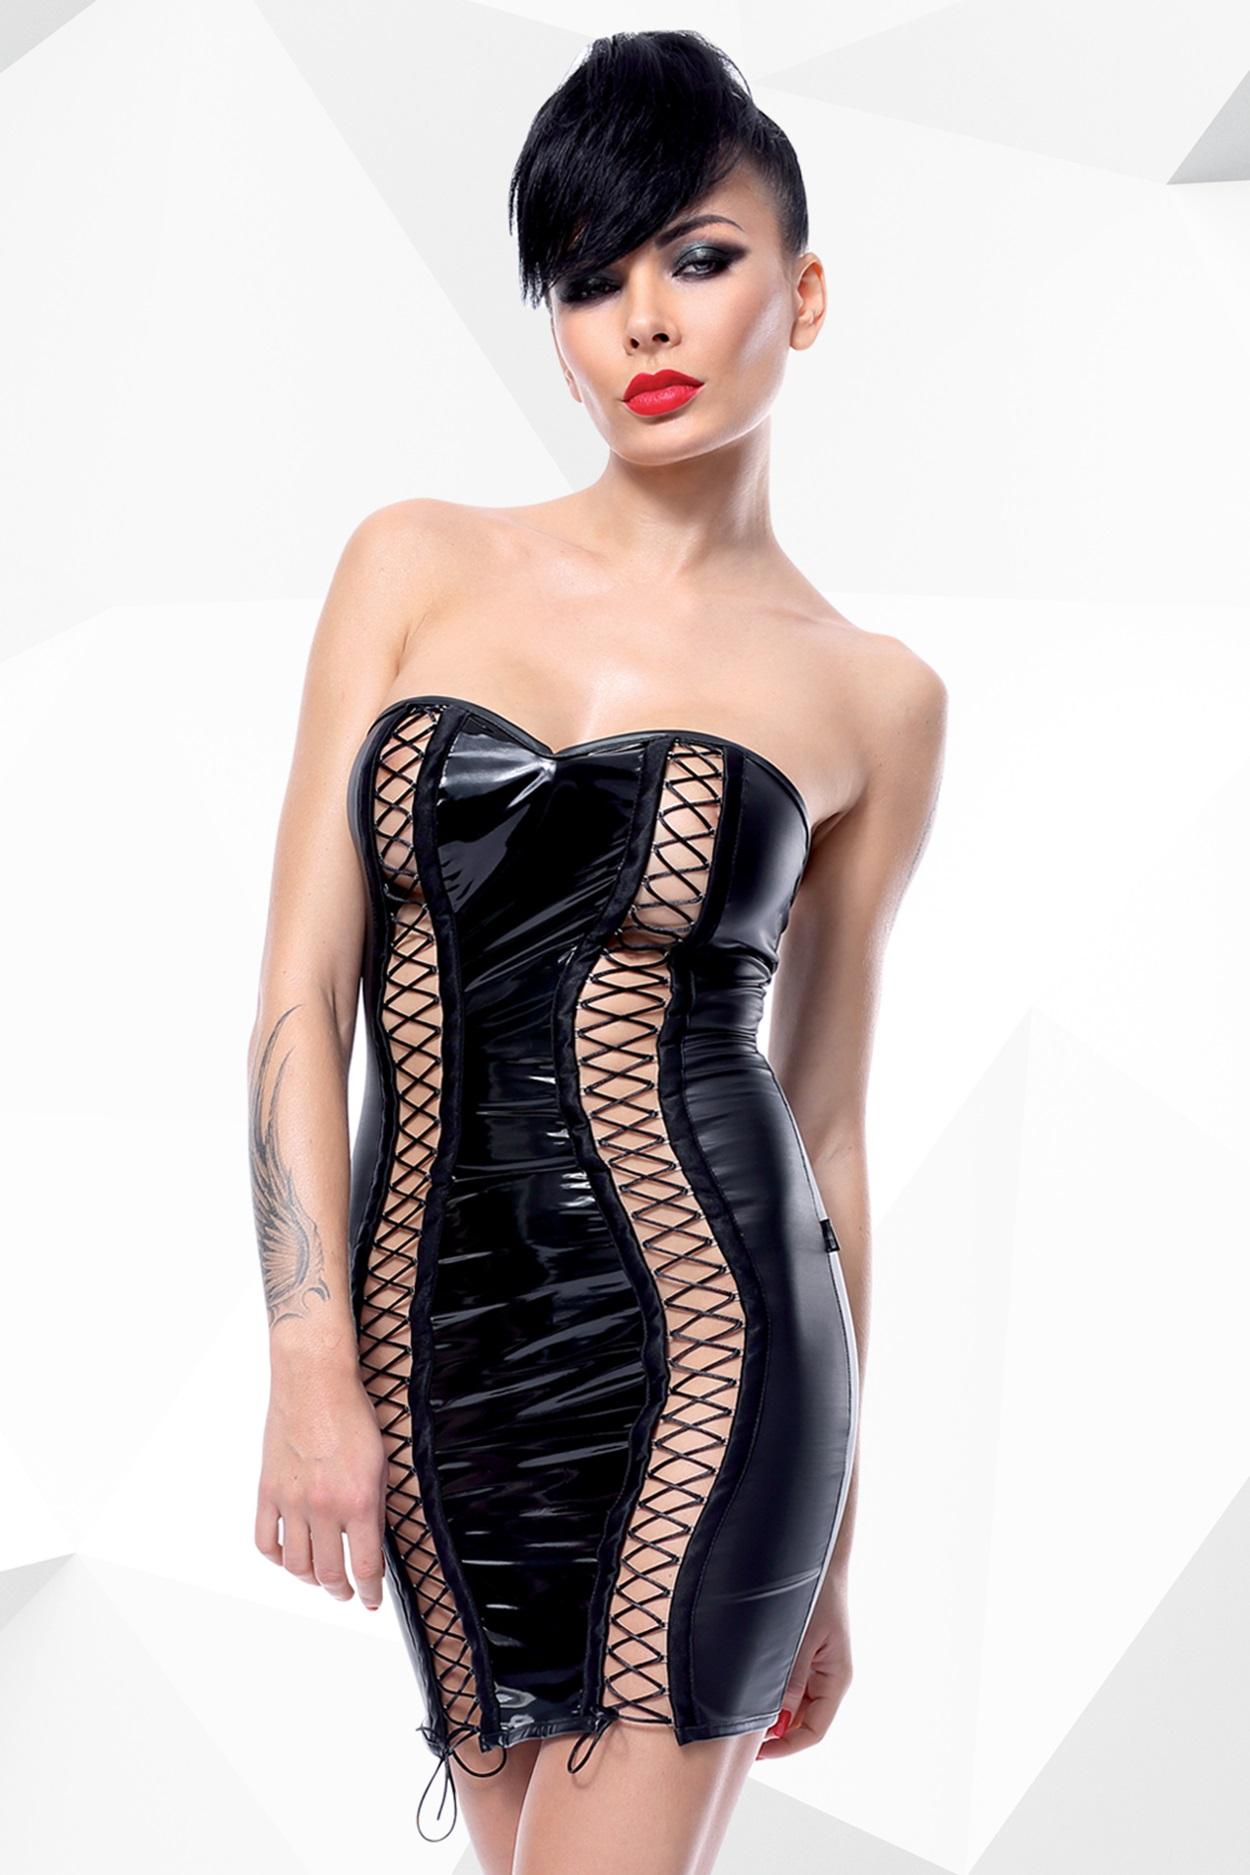 Schwarzes Minikleid Astrid von Demoniq Hard Candy Collection EAN: 5902767392167